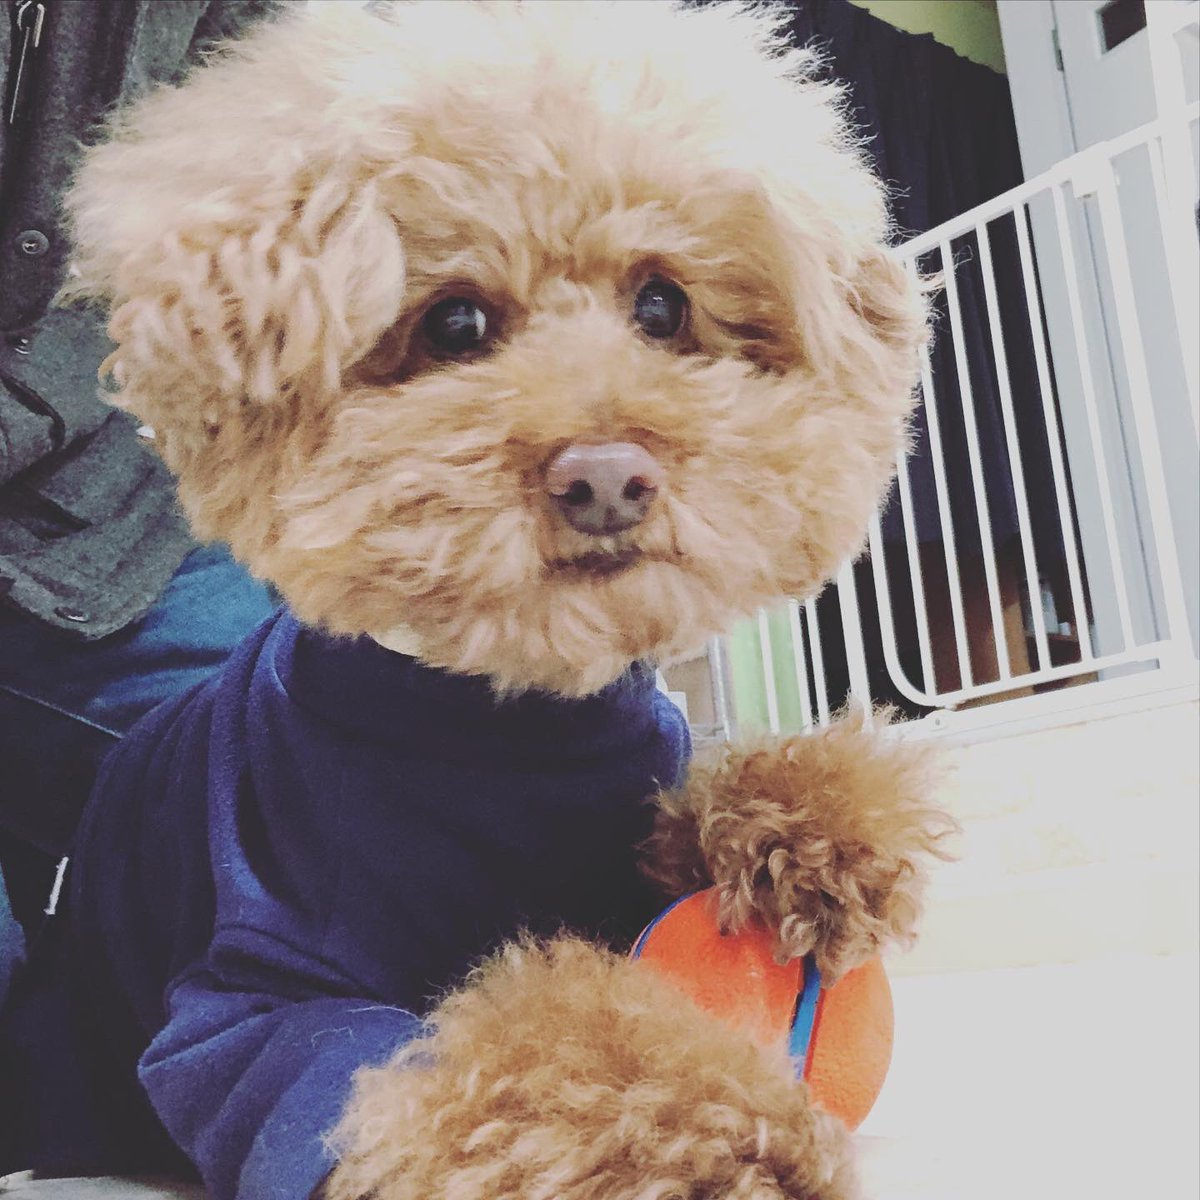 相模原店にお泊り中のパピ、空、もんちゃん今日も伸び伸び過ごしてます♫ パピちゃんはボールをガッチリホールド。 ポーズも決まってます♫  #はっぴーているず #犬の保育園  #犬のホテル  #相模原 #いぬら部  #トイプードルpic.twitter.com/imZ6jQzDRA